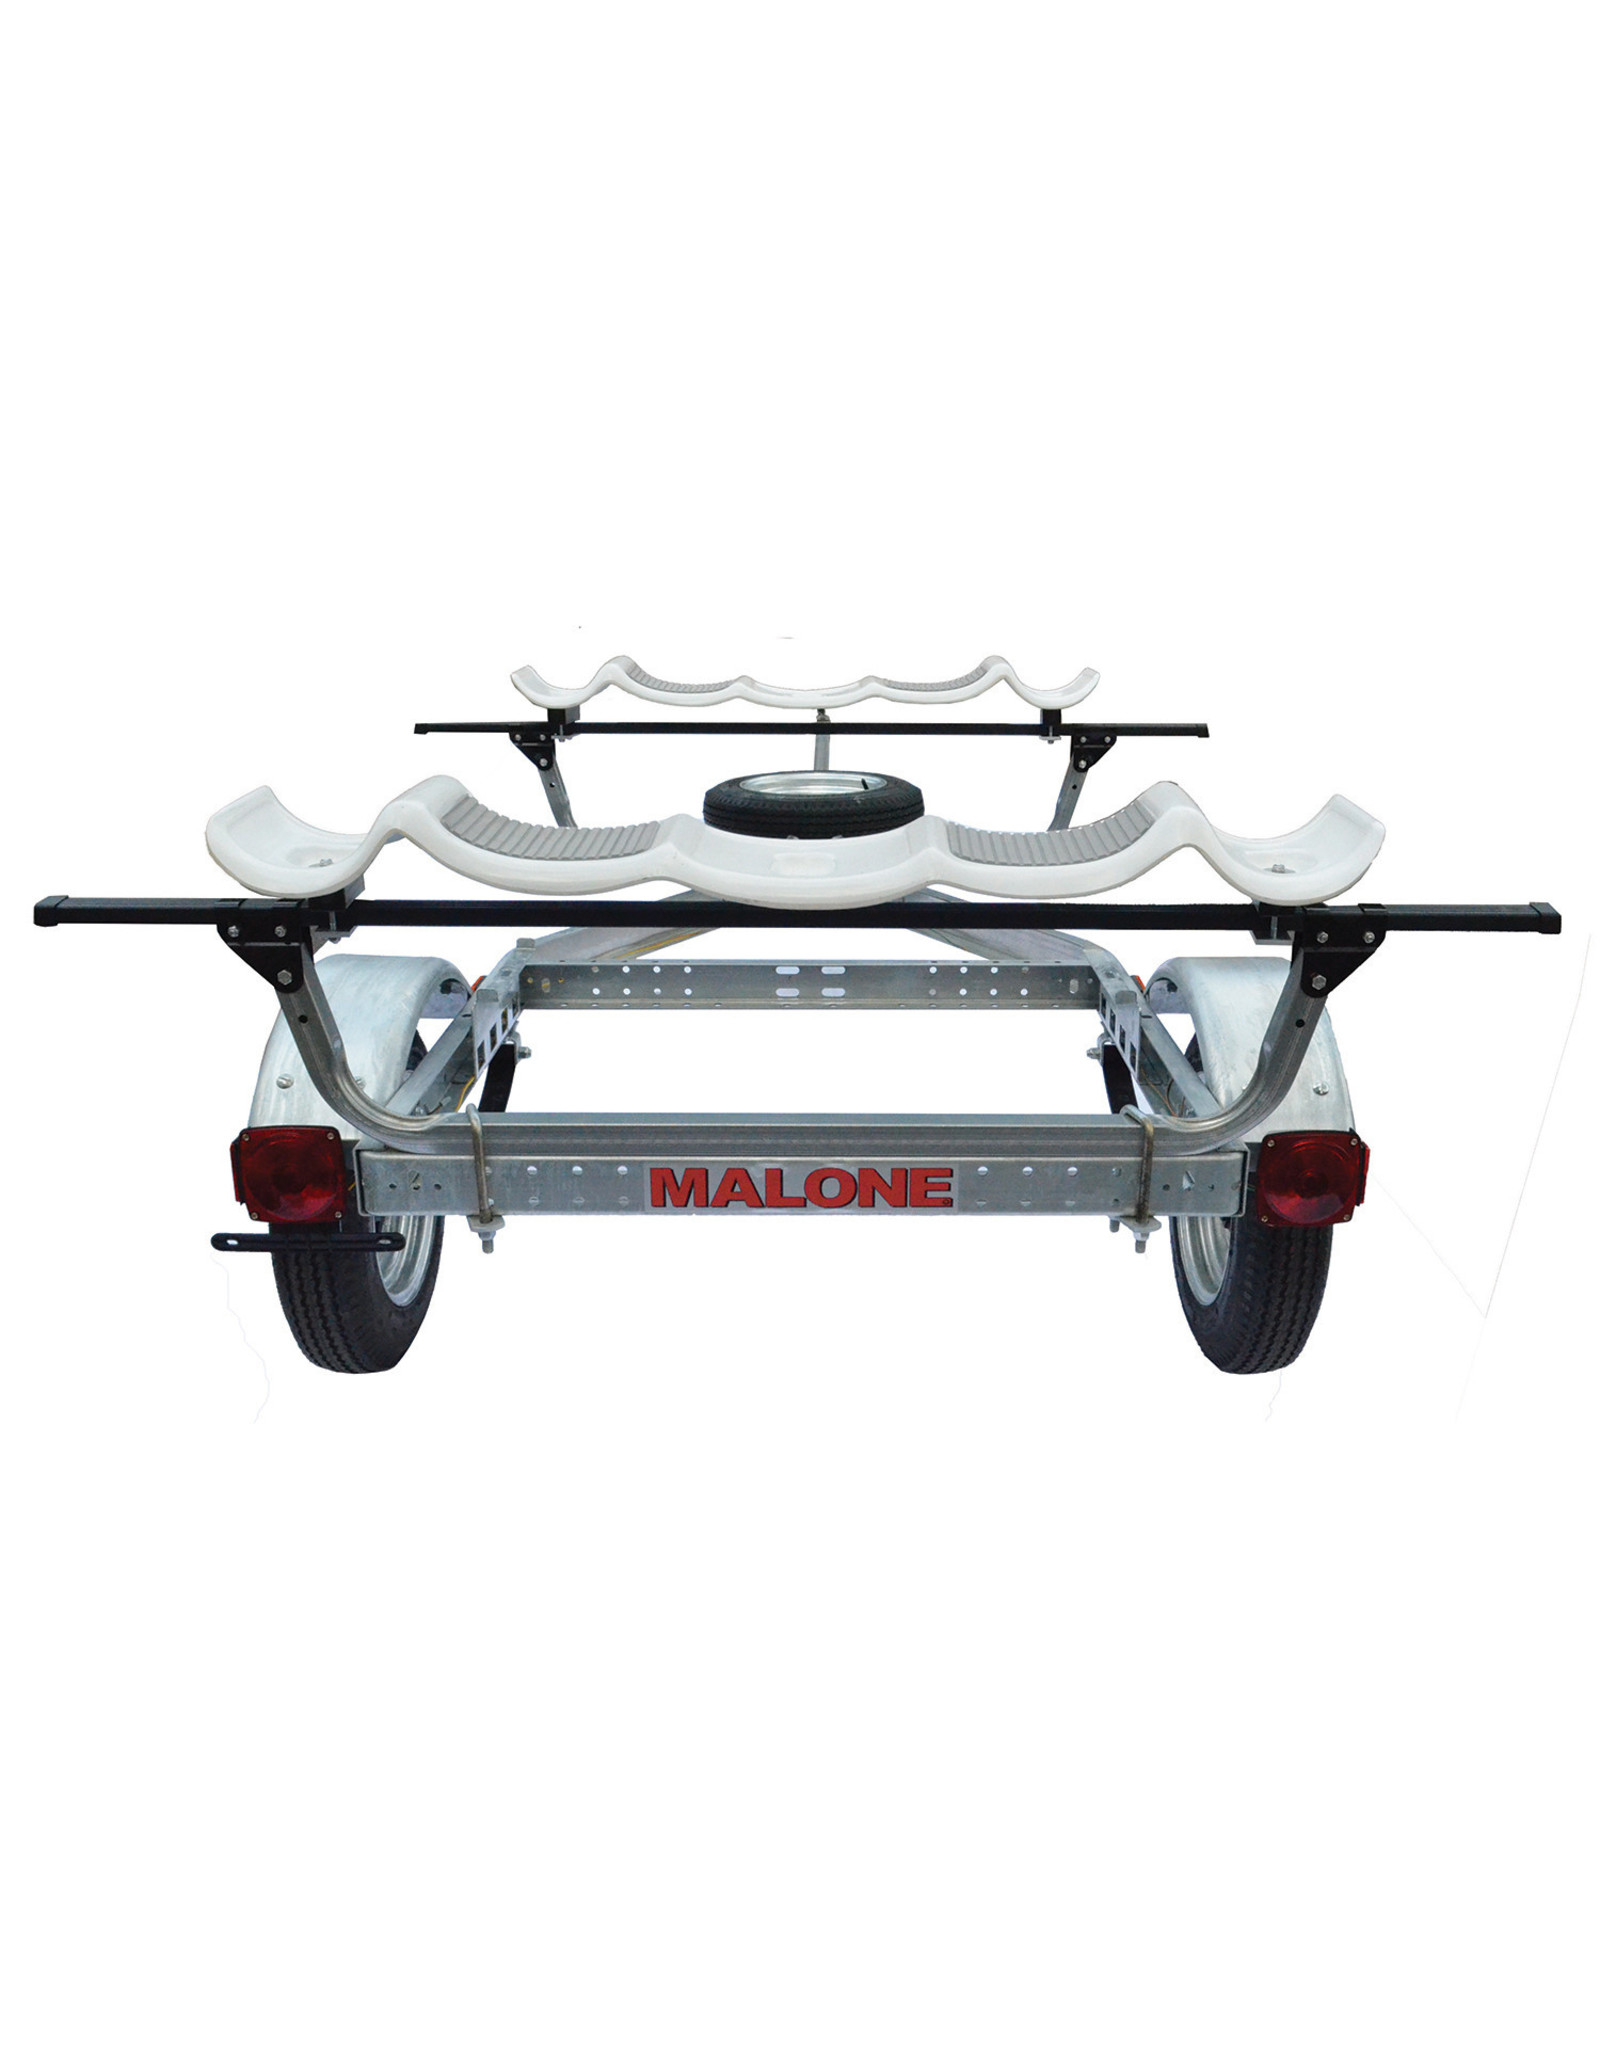 Malone Auto Rack Malone Quincaillerie de montage pour Hobie Cradle